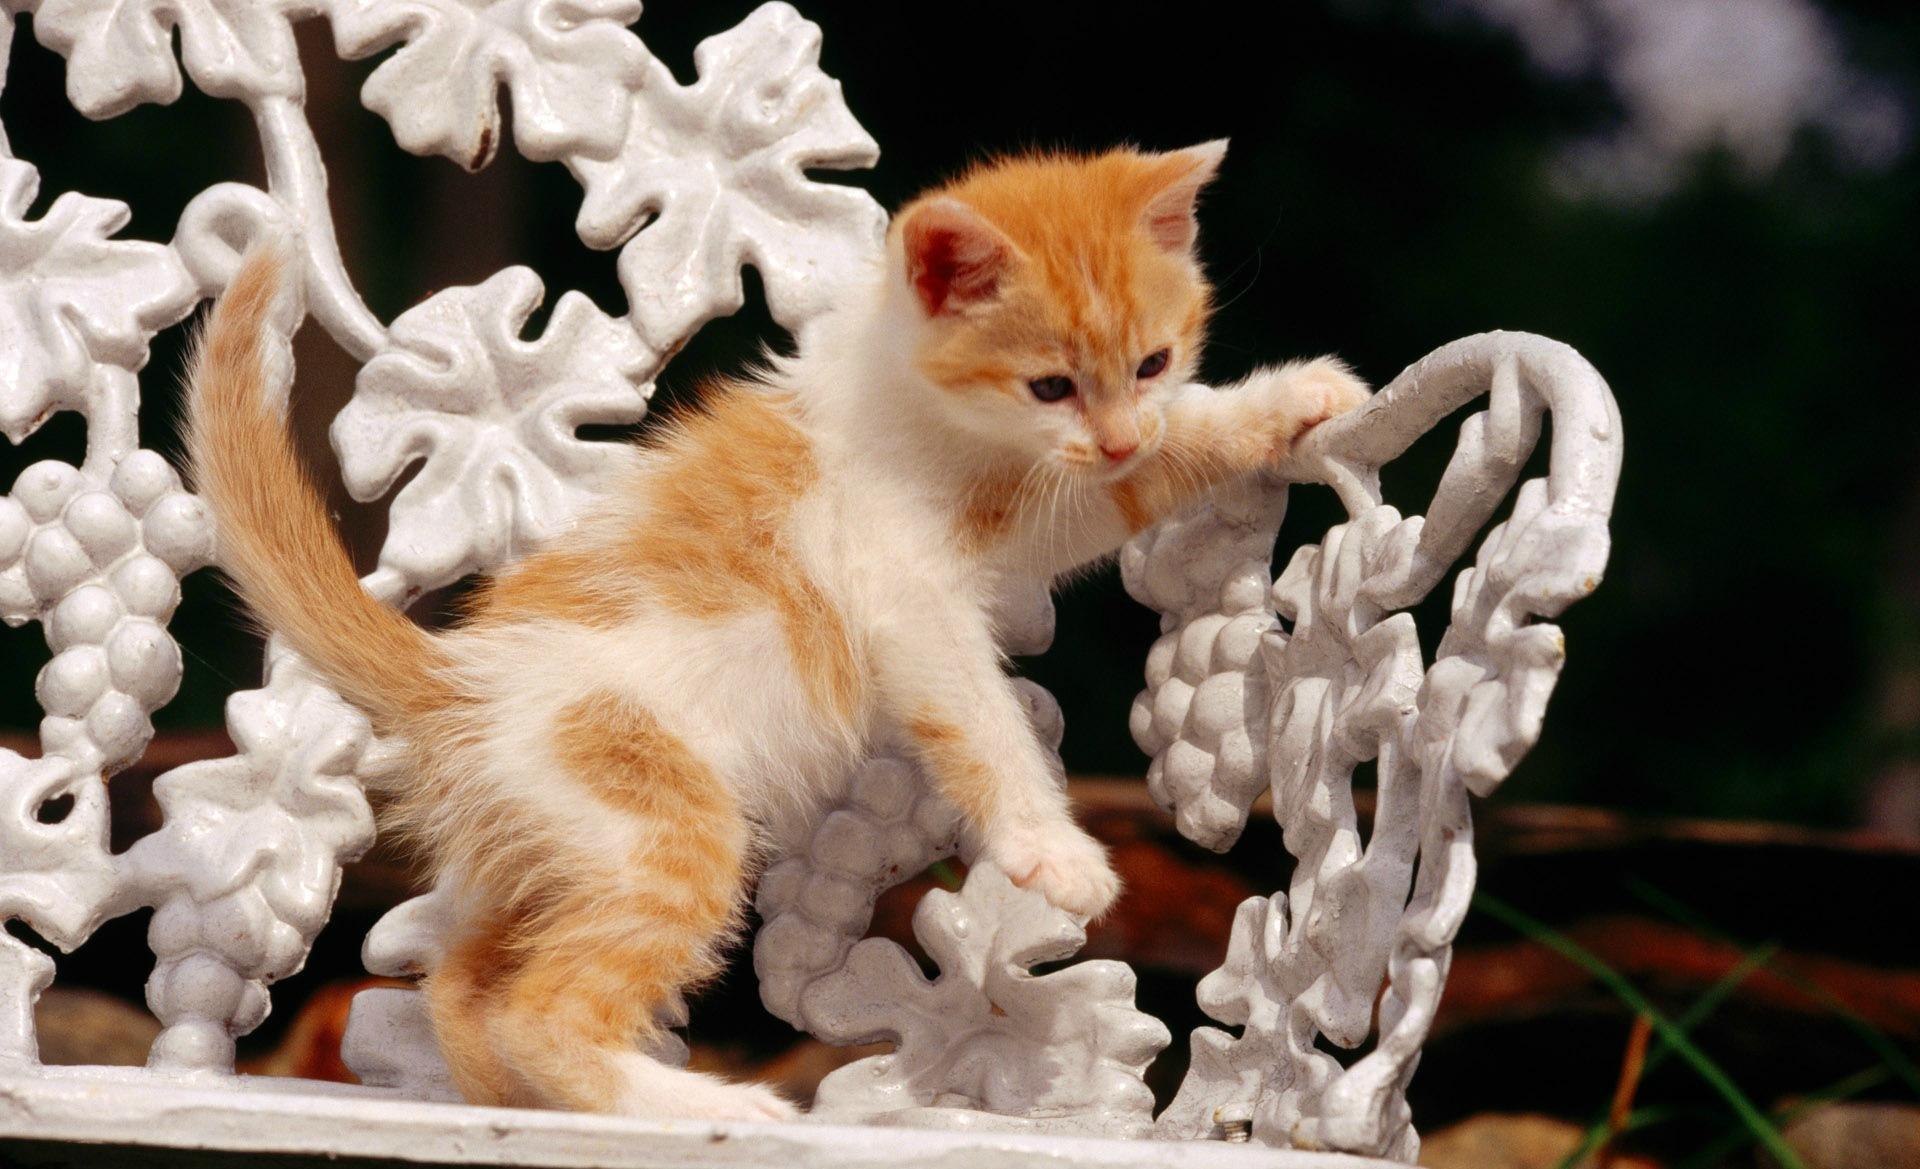 история фото красивых котиков со смыслом совмещает себе